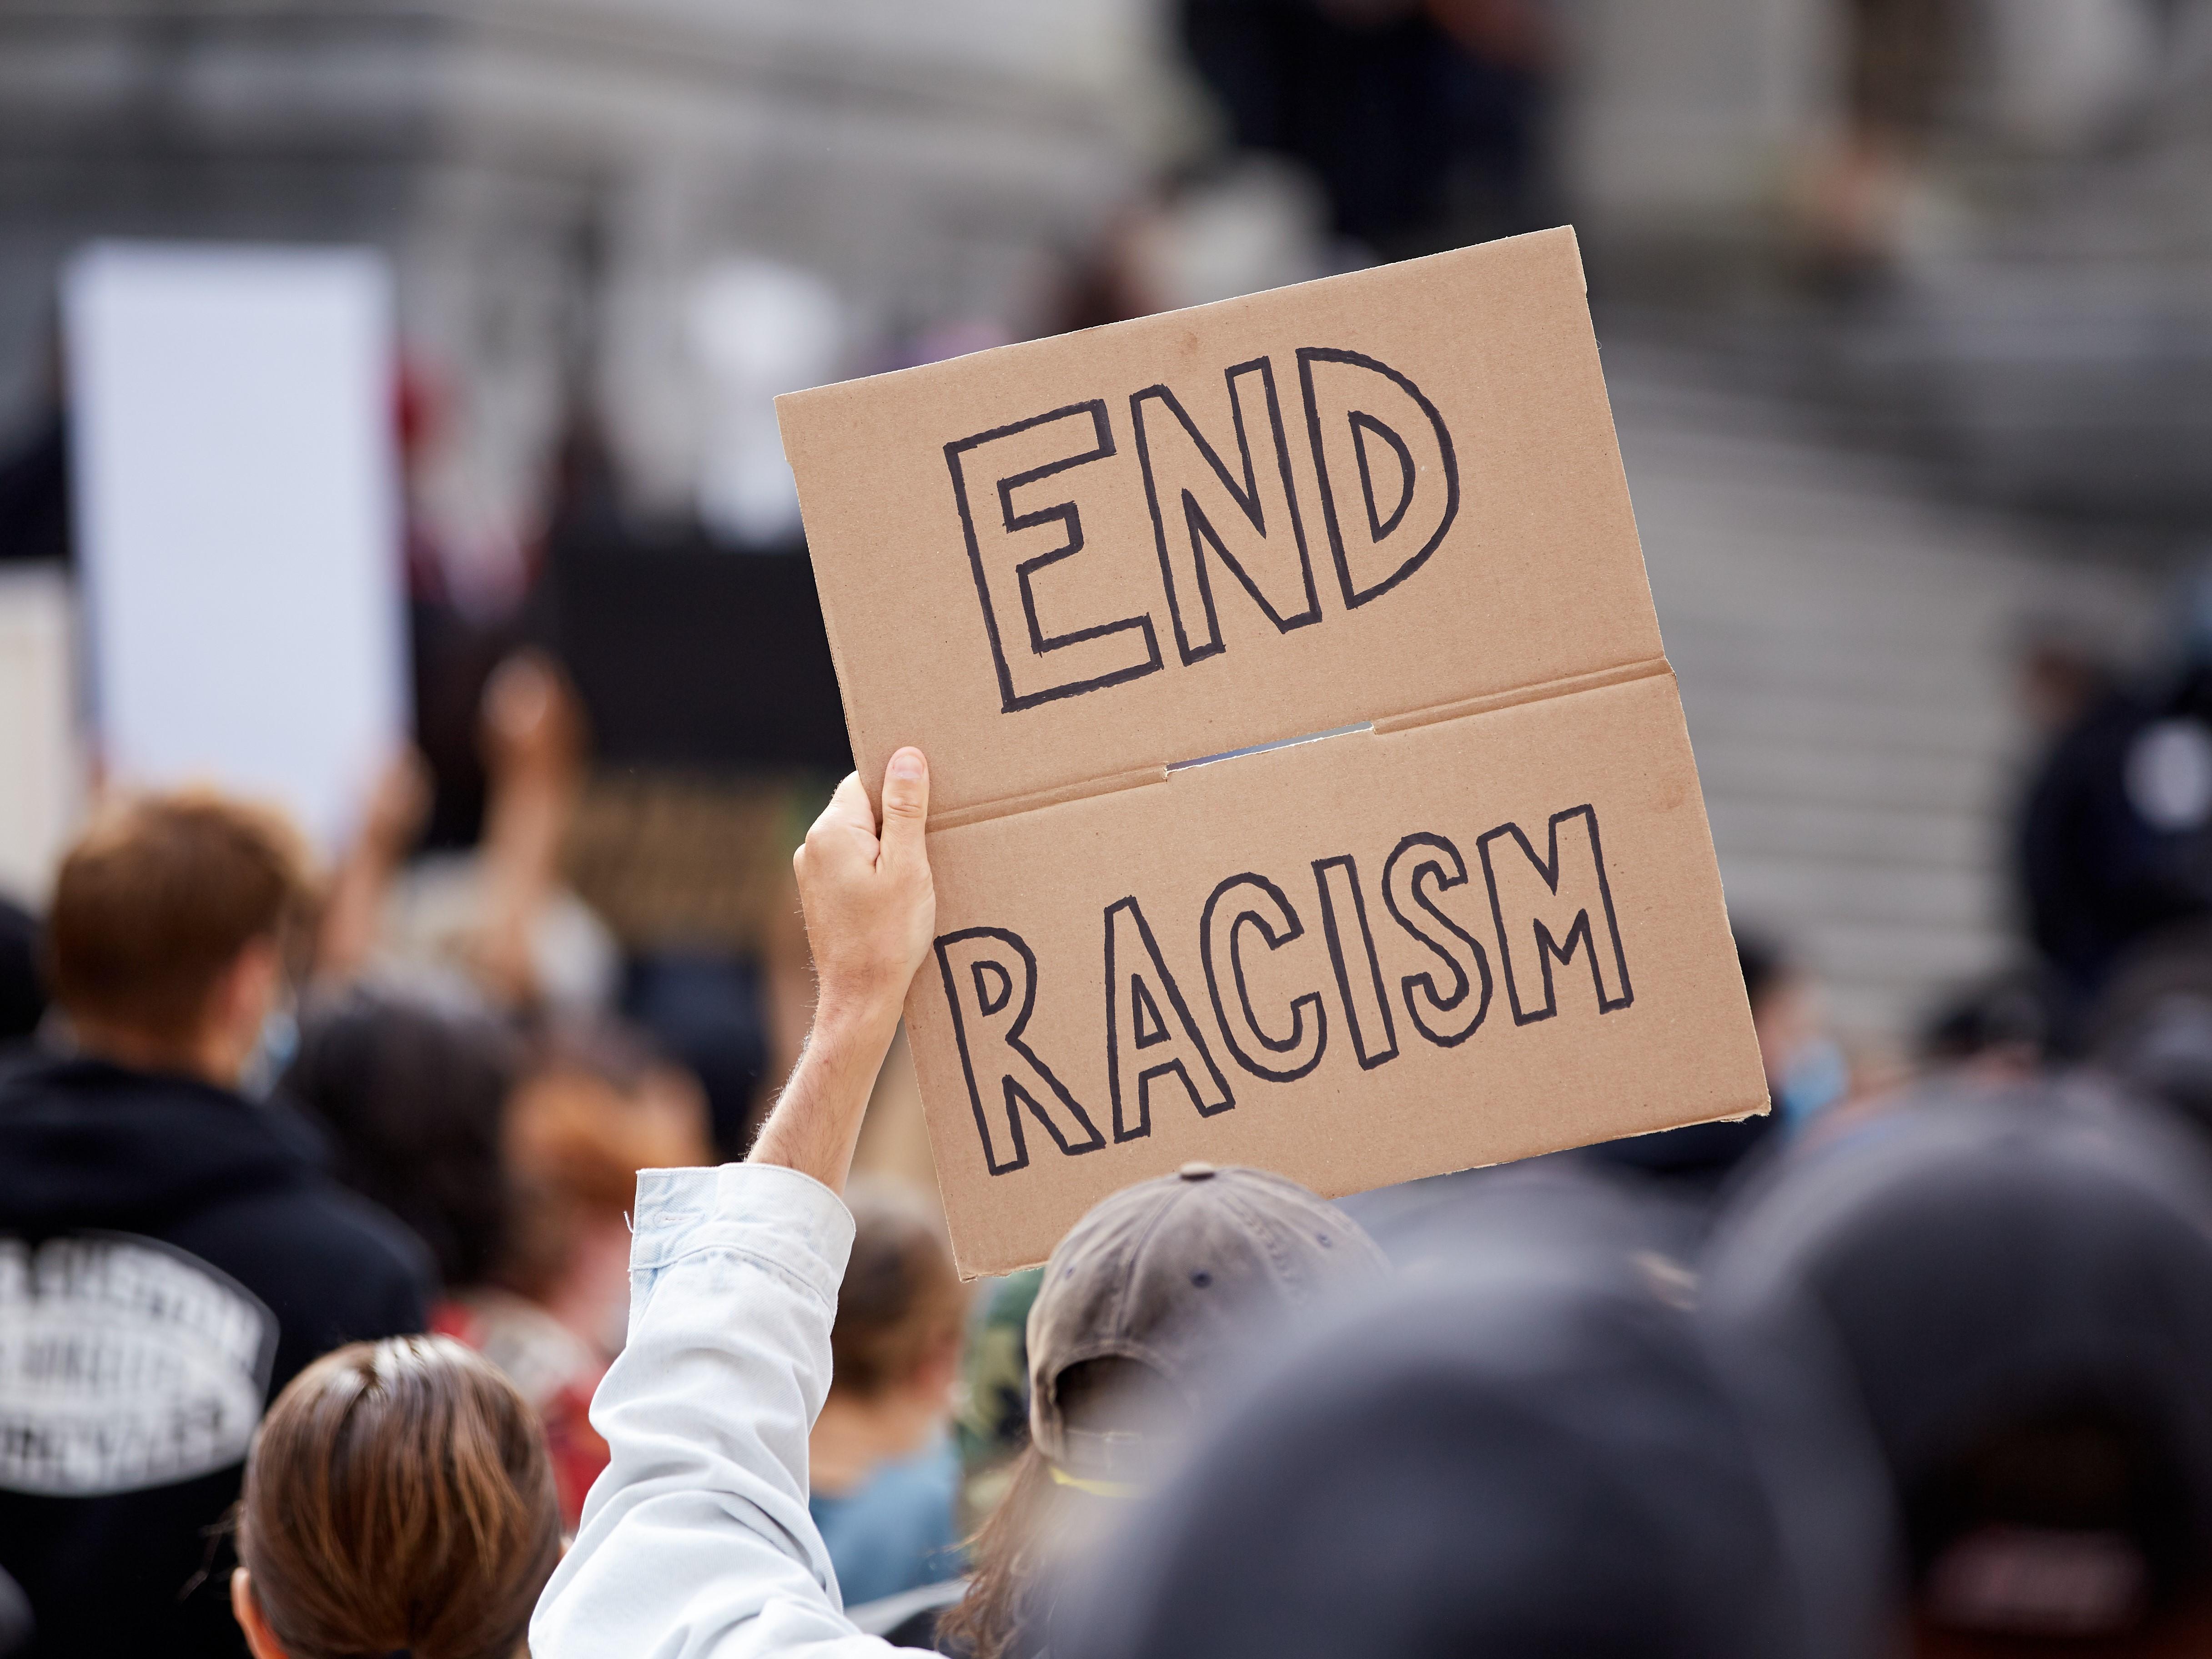 /UMC Media/2020/06/16/20/52/End Racism Rally Sign